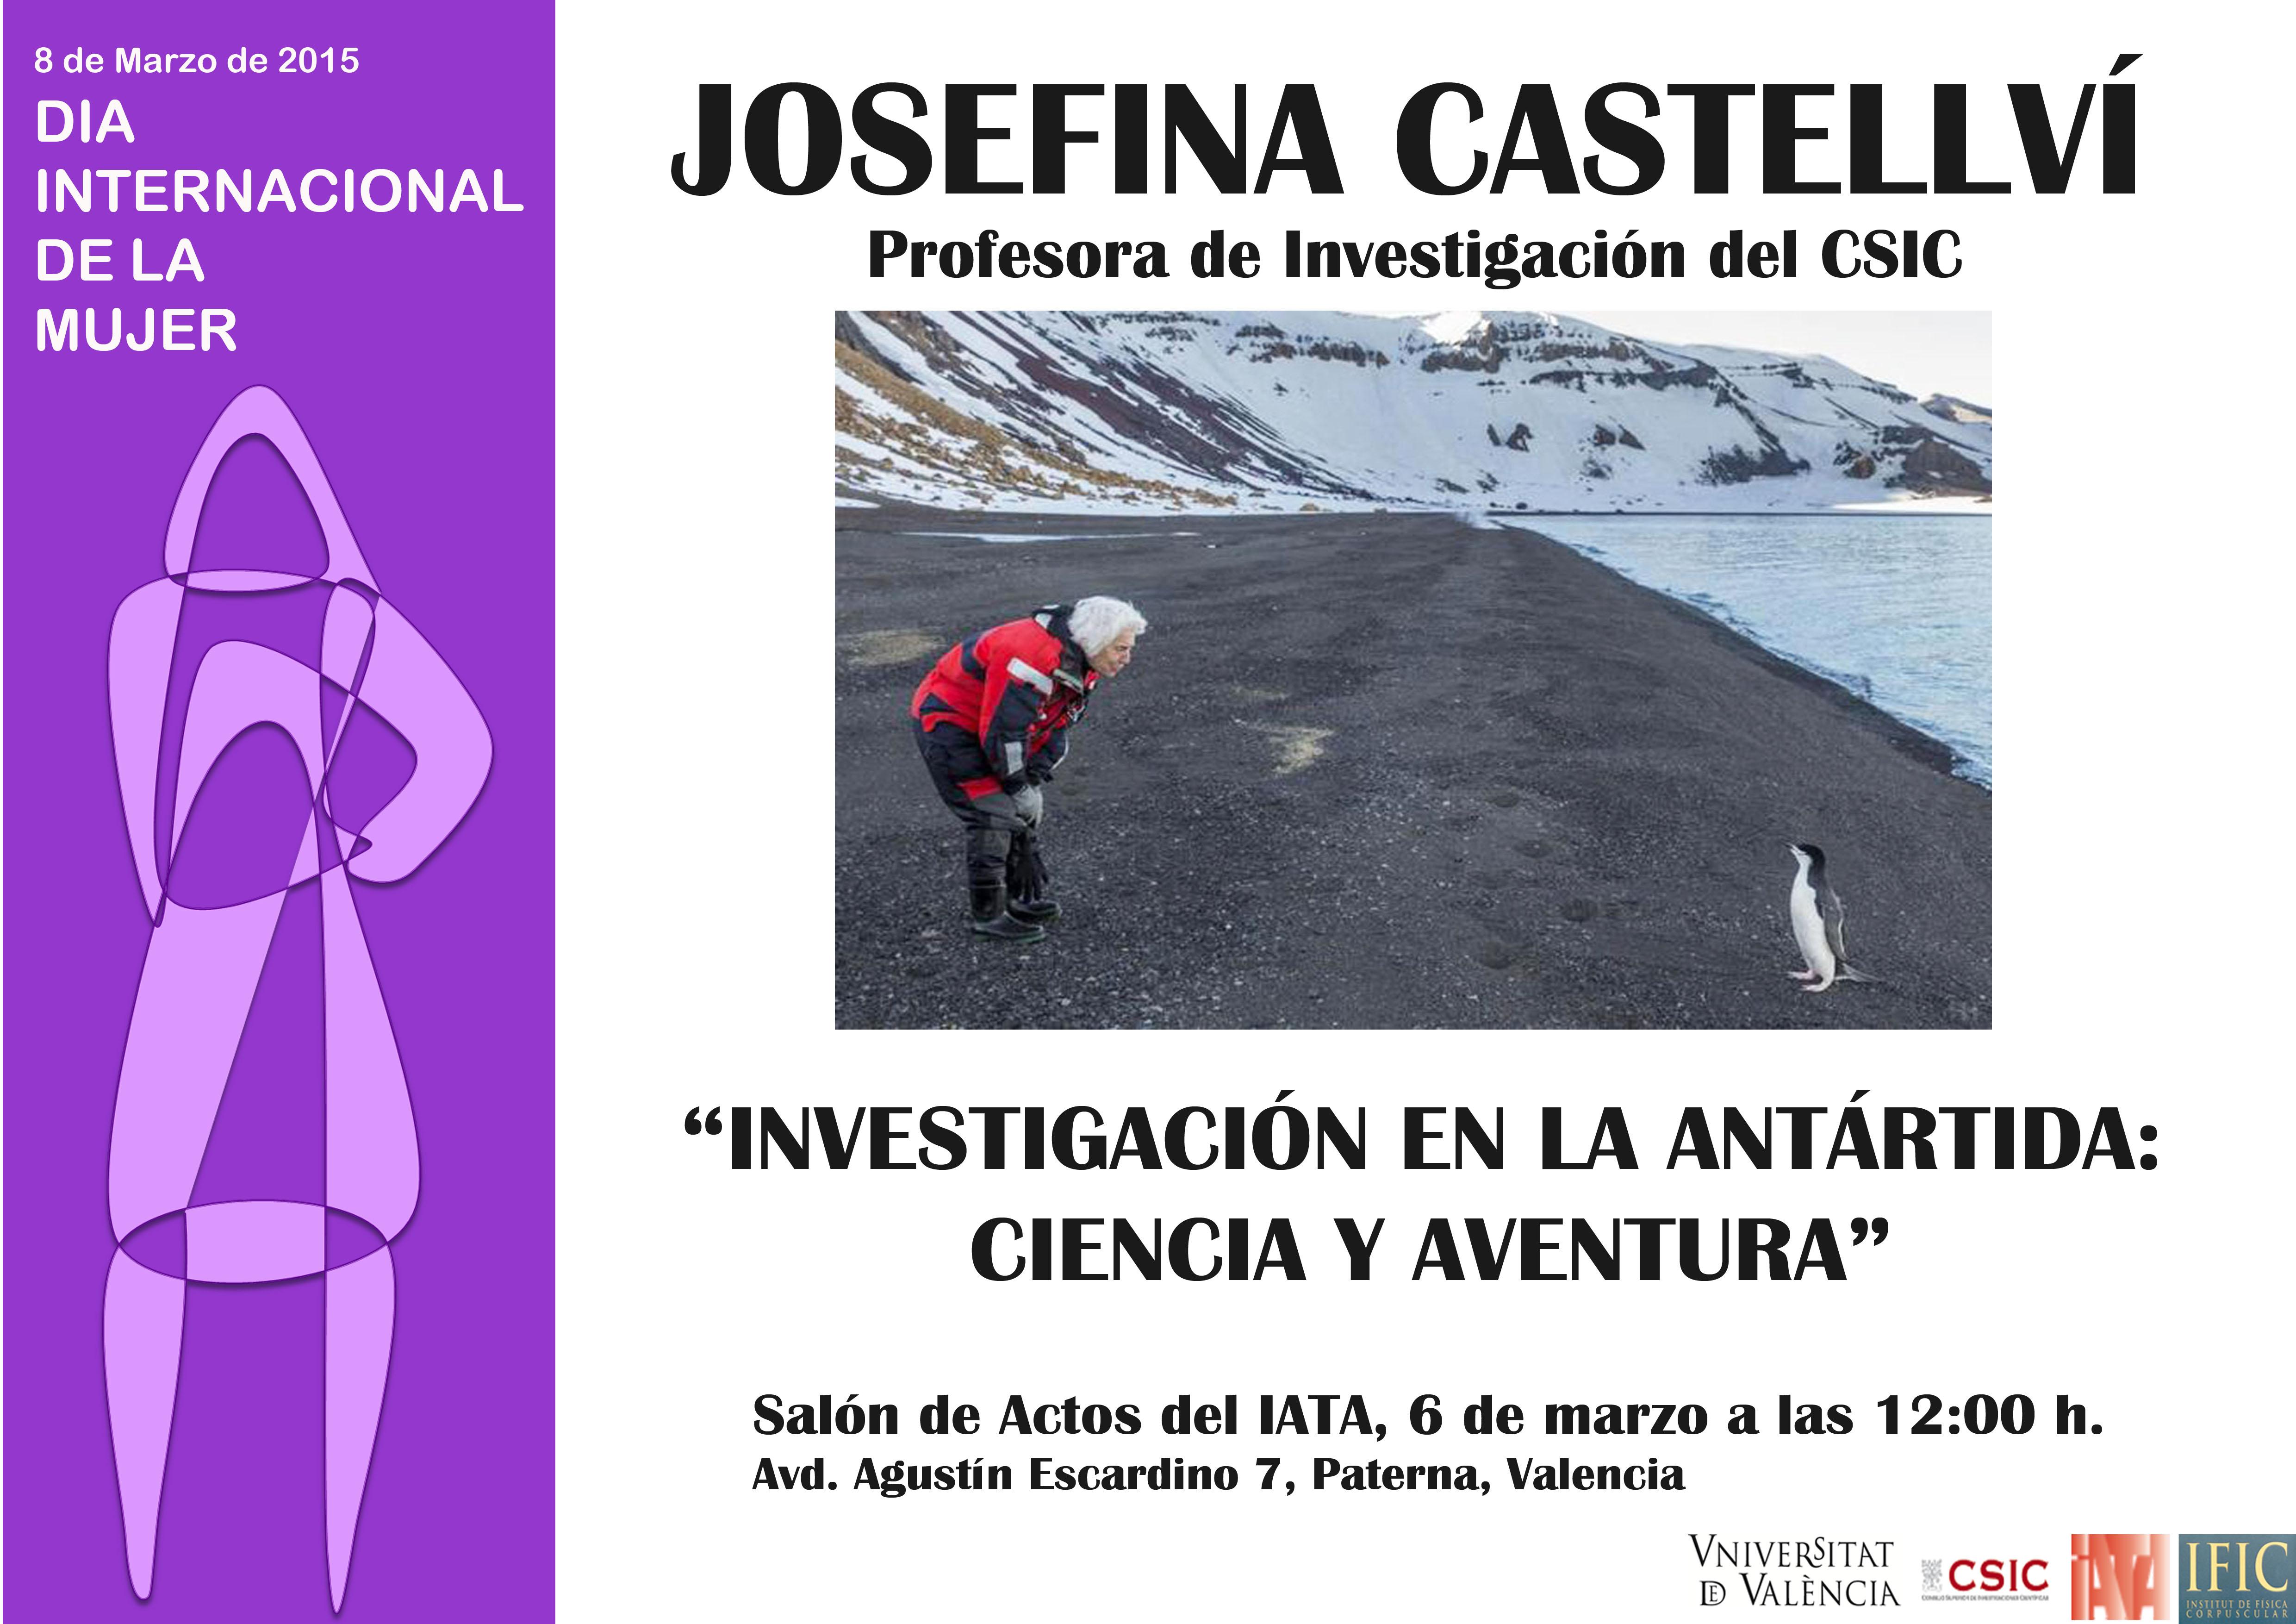 instituto internacional de la mujer: